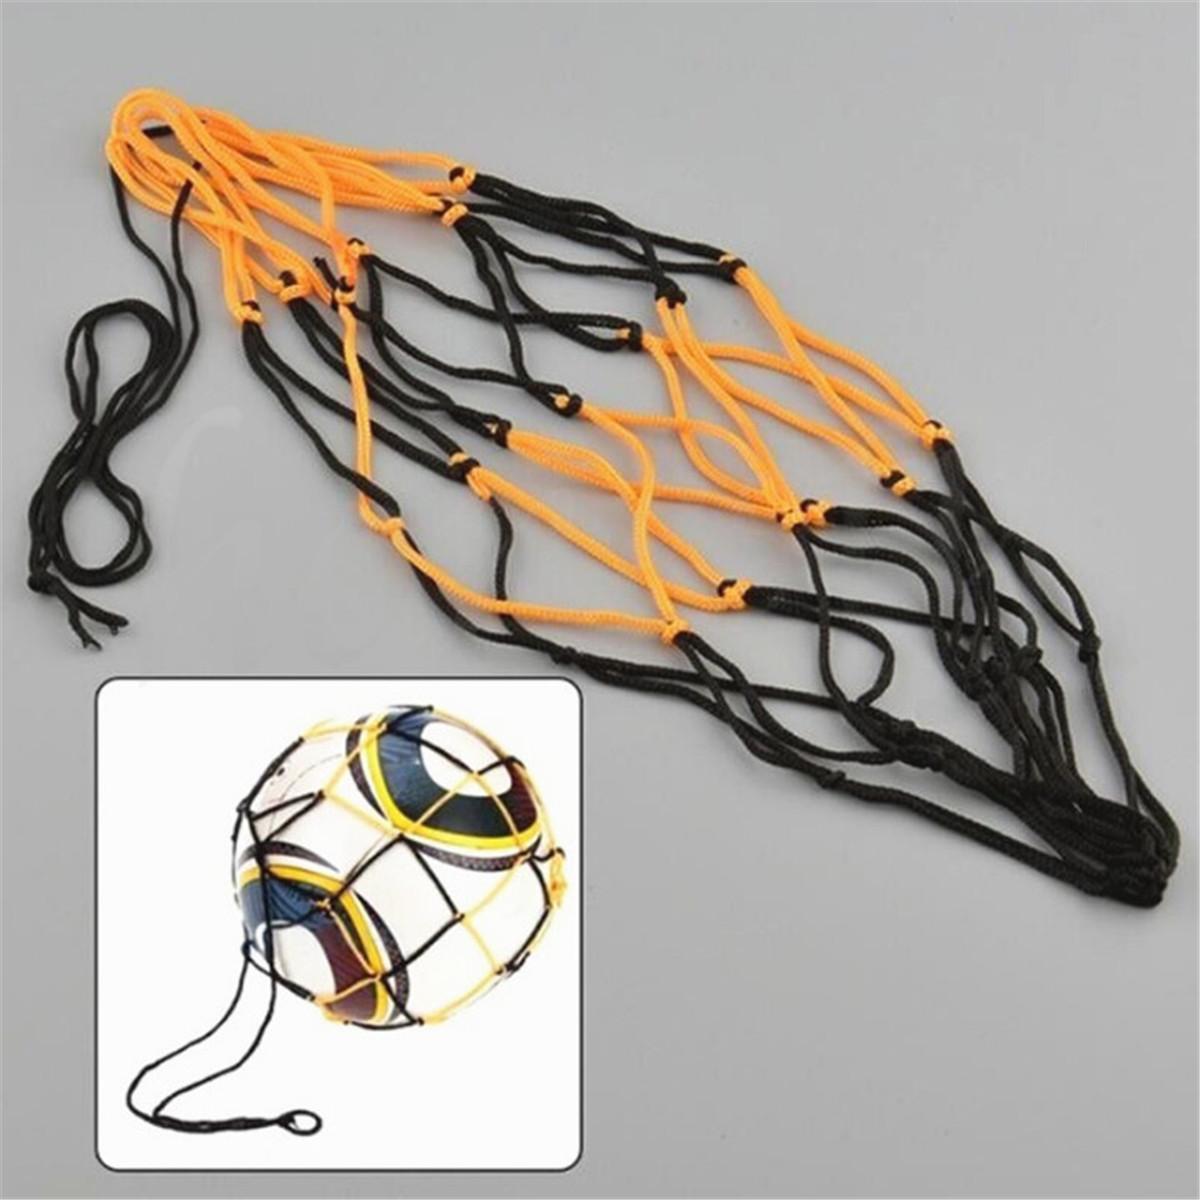 Basketball Volleyball Football Net Mesh Bag Sports Ball Carrier Holds 15 Balls